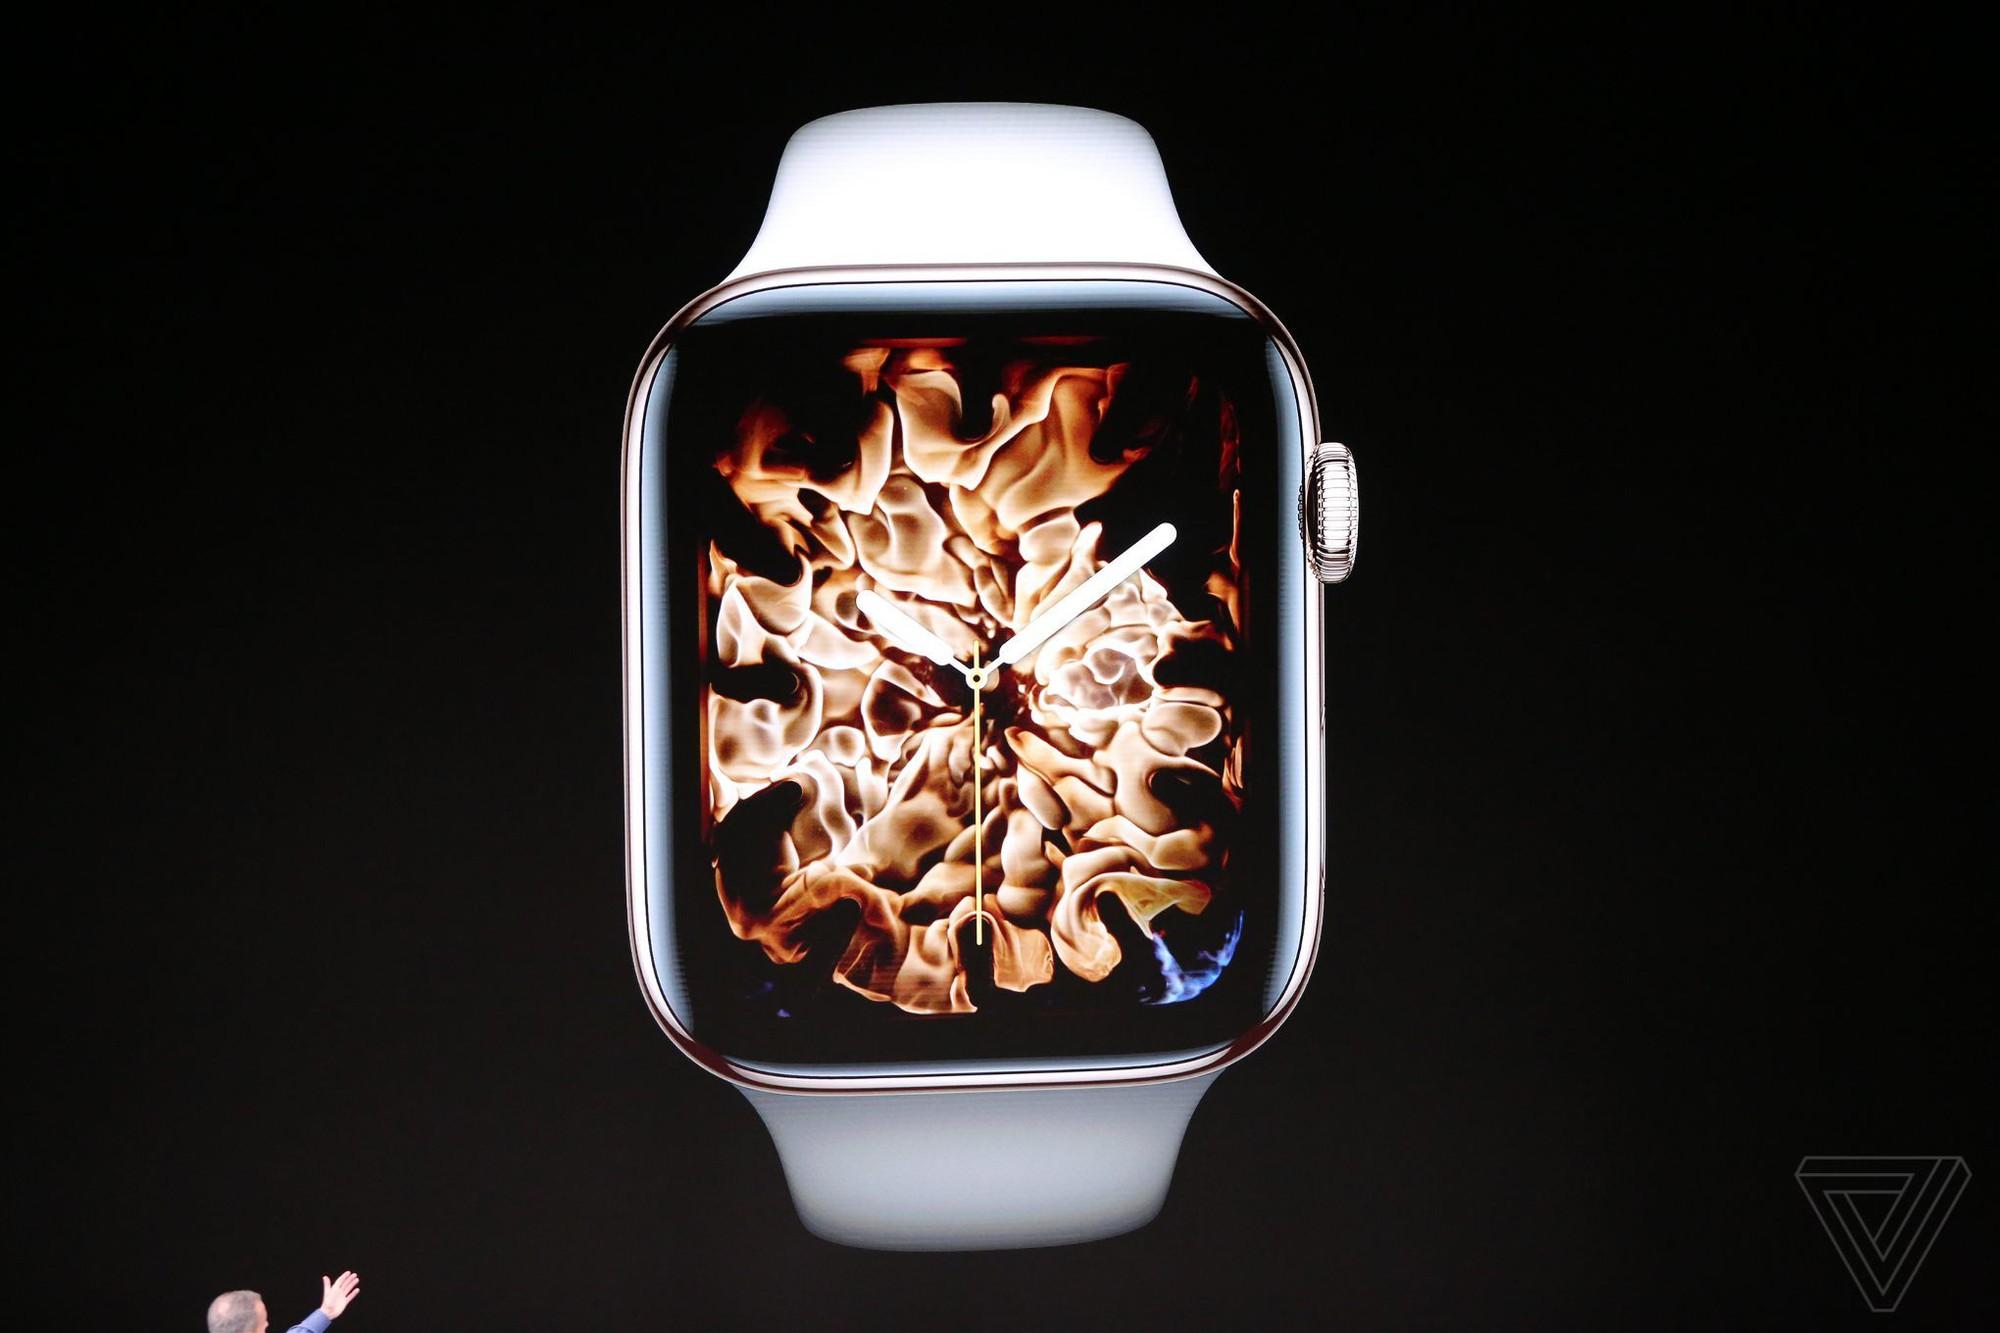 Làng nước nhìn đi, màn Apple Watch đẹp thế này thì có đáng mua không? - Ảnh 2.